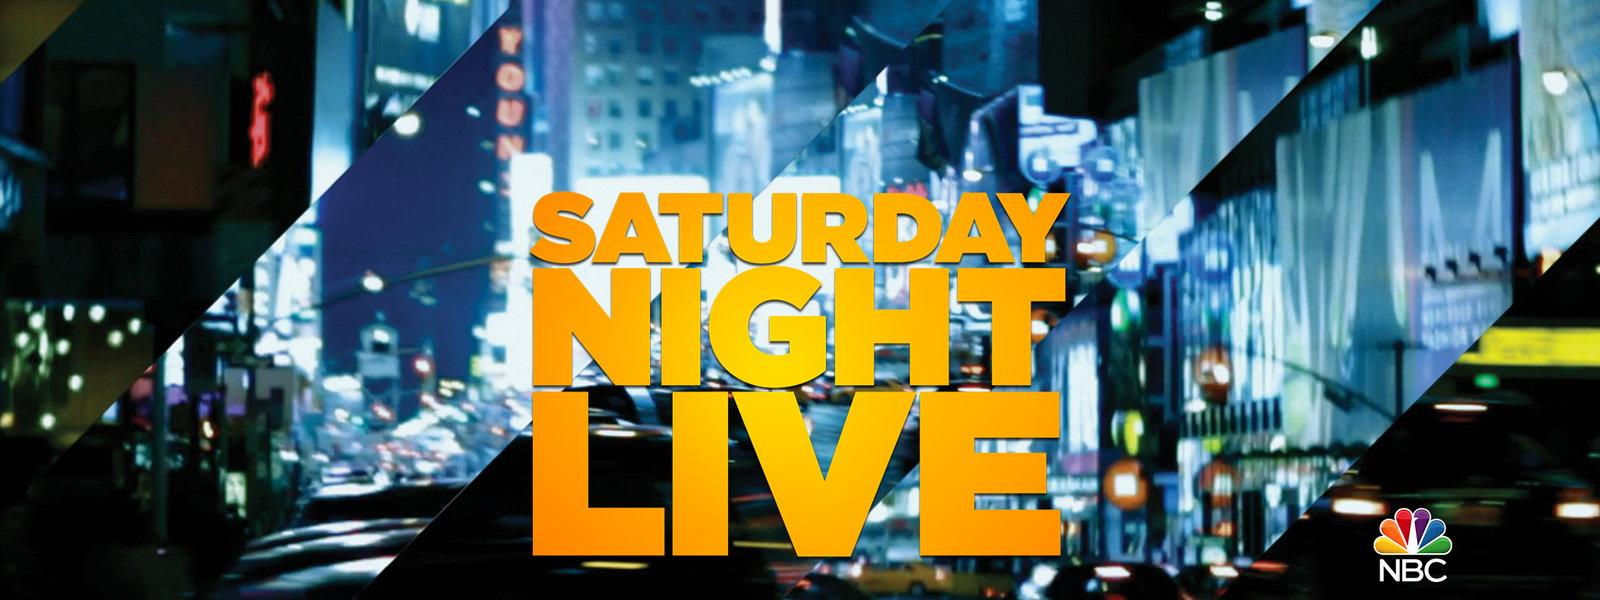 Saturday Night Live Wallpaper 6   1600 X 600 stmednet 1600x600